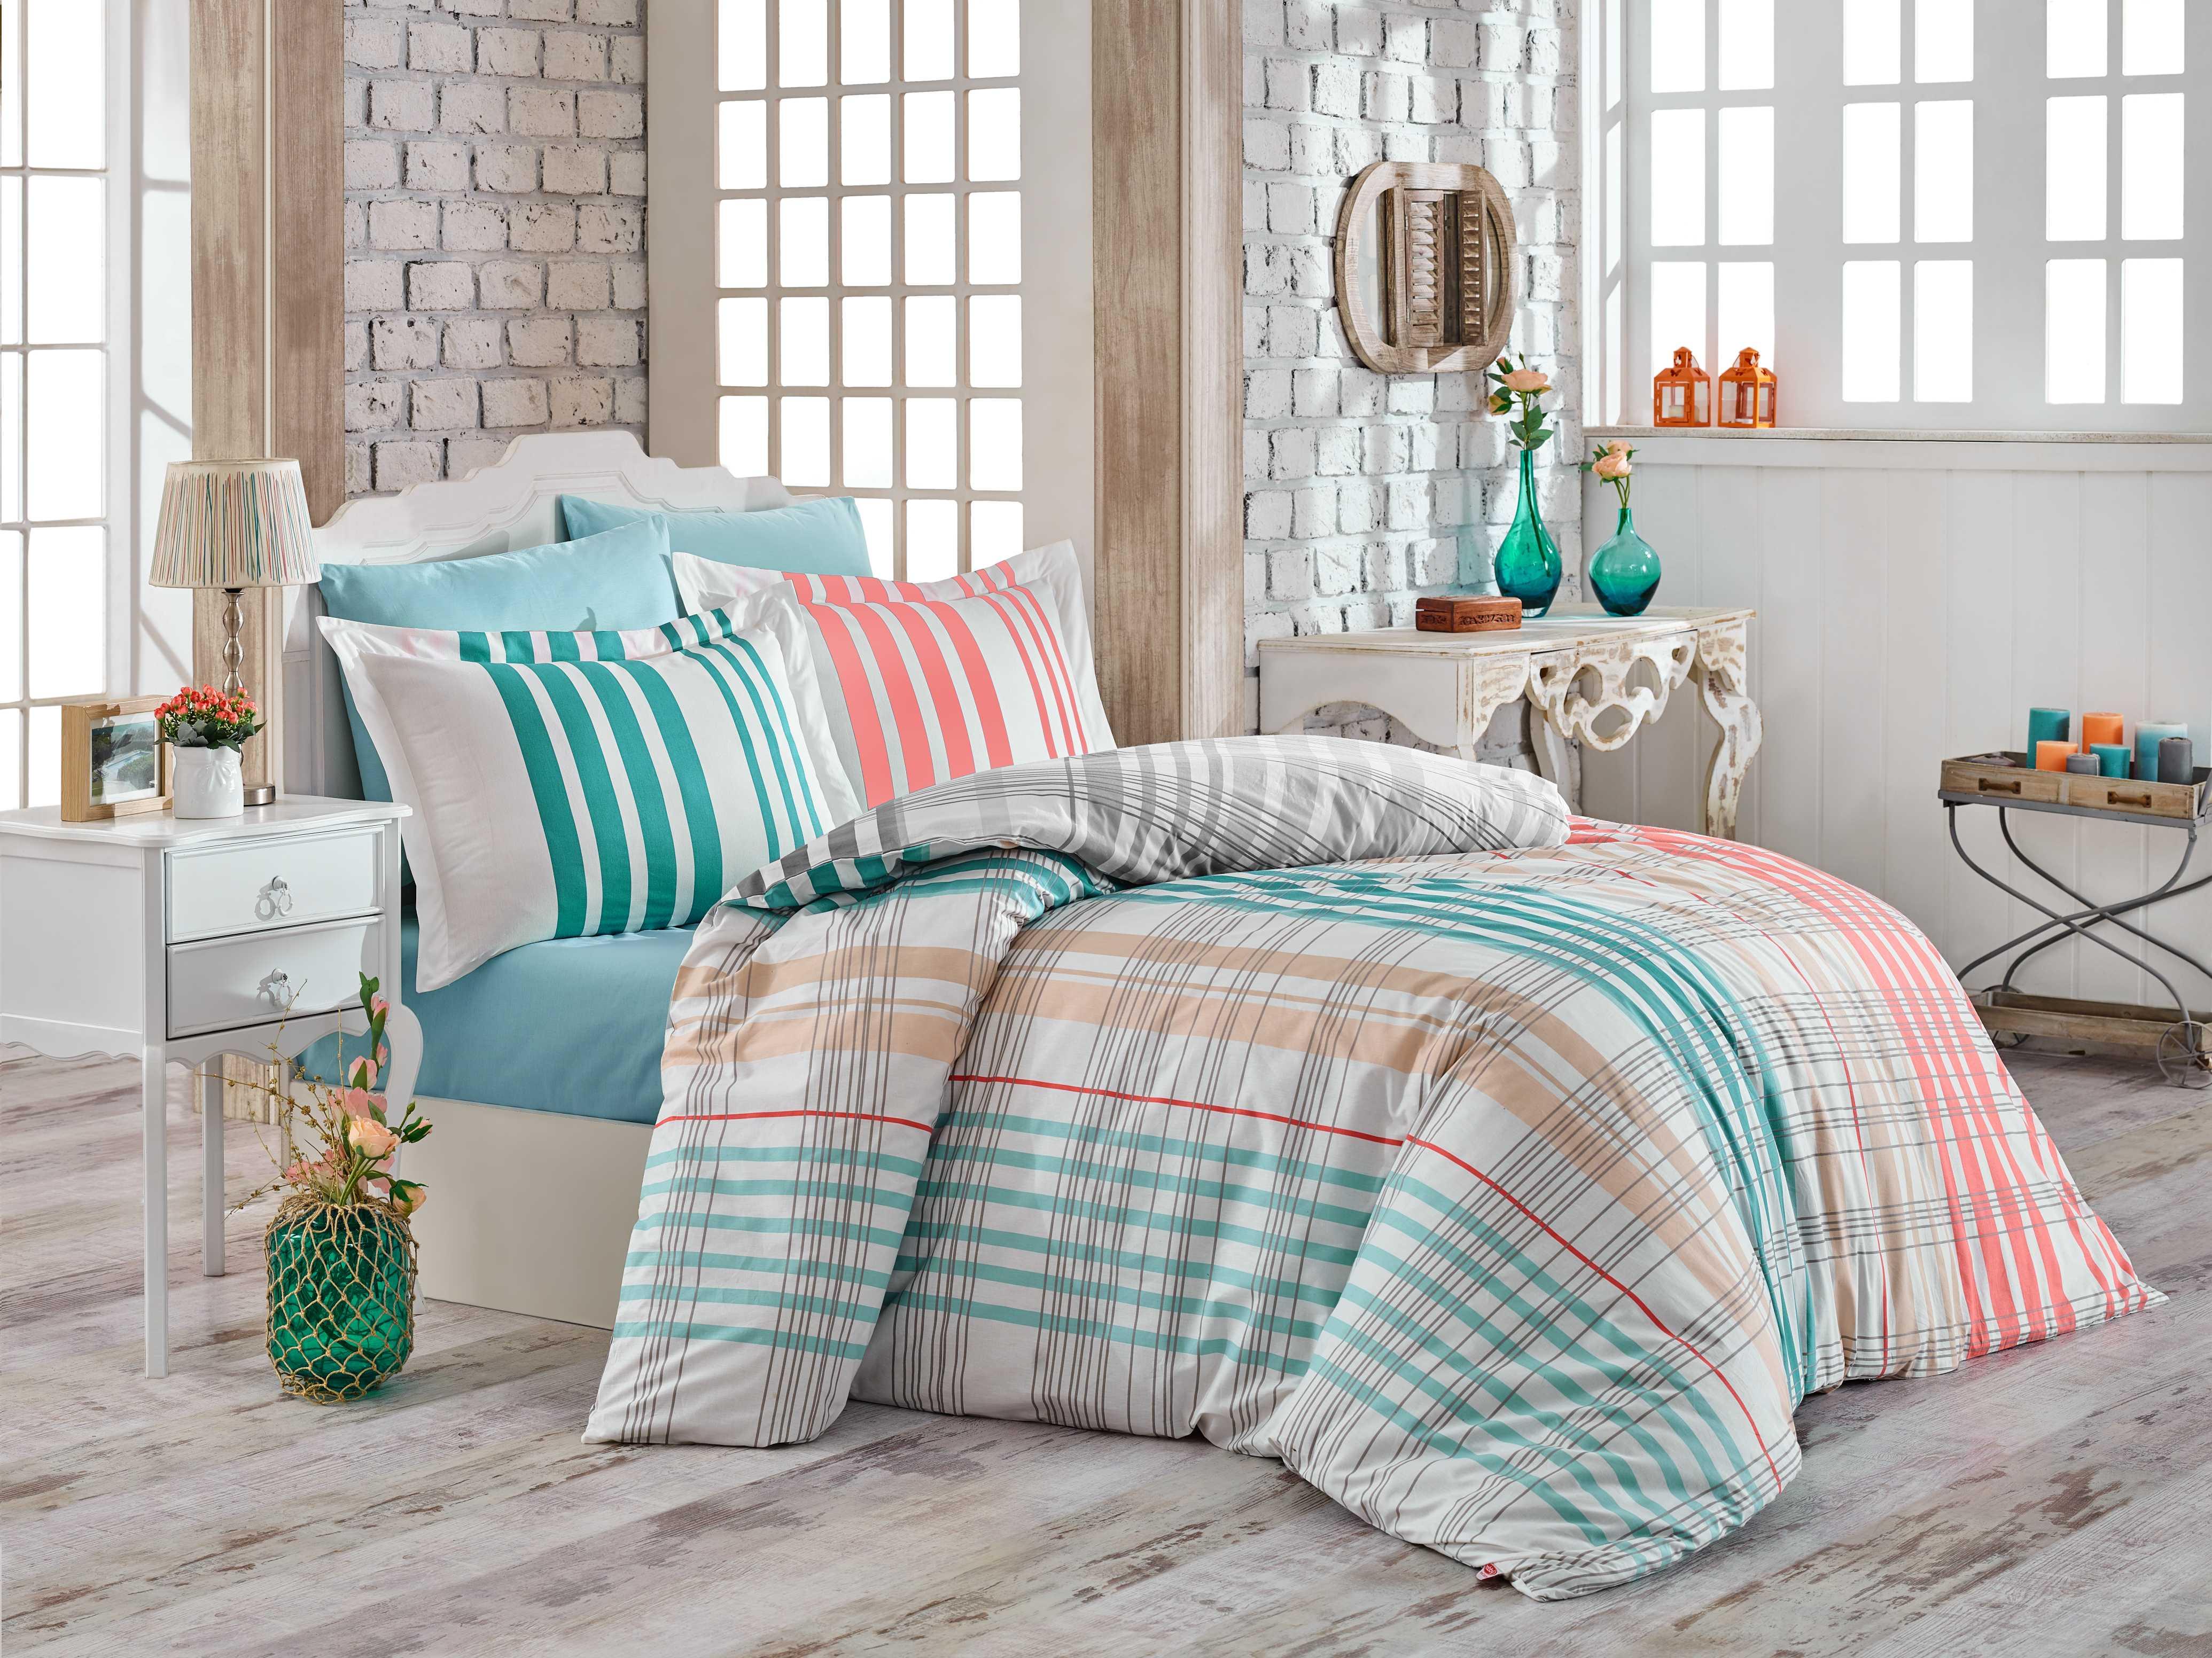 """Комплект постельного белья Hobby Home Collection """"Stripe"""", 1,5-спальный, наволочки 50x70, цвет: бирюзовый"""